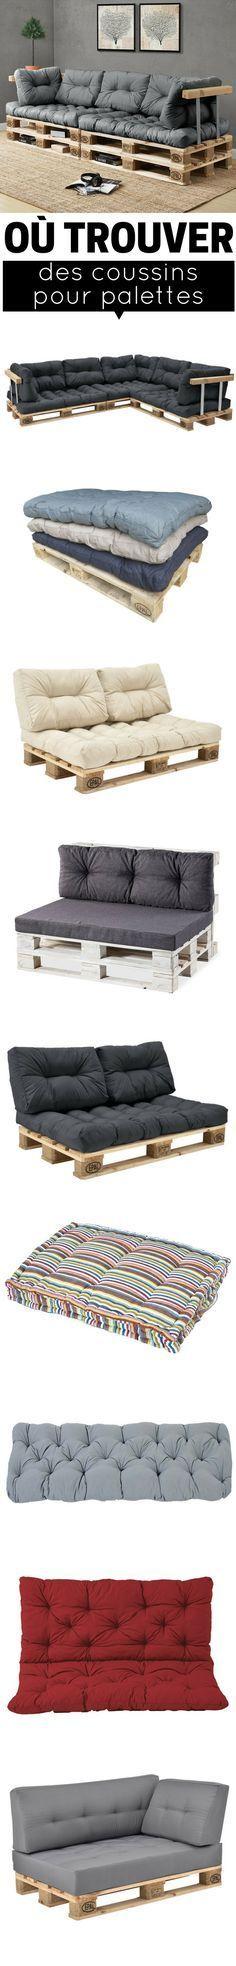 coussin pour palette o trouver des coussins pour meubles en palette d co pinterest. Black Bedroom Furniture Sets. Home Design Ideas